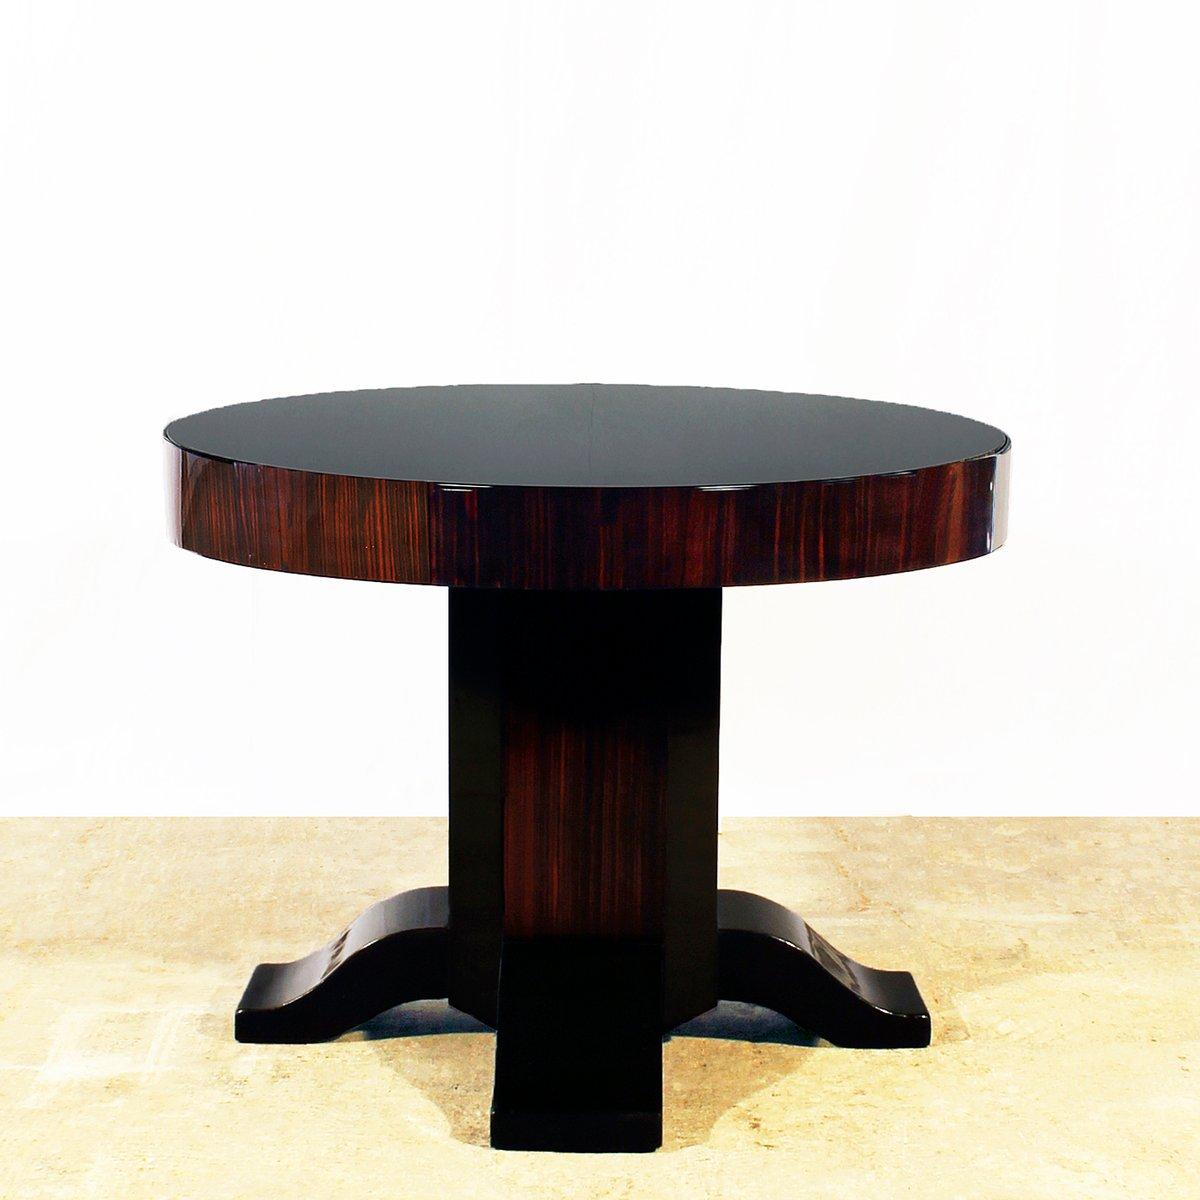 gro er art deco beistelltisch 1930er bei pamono kaufen. Black Bedroom Furniture Sets. Home Design Ideas